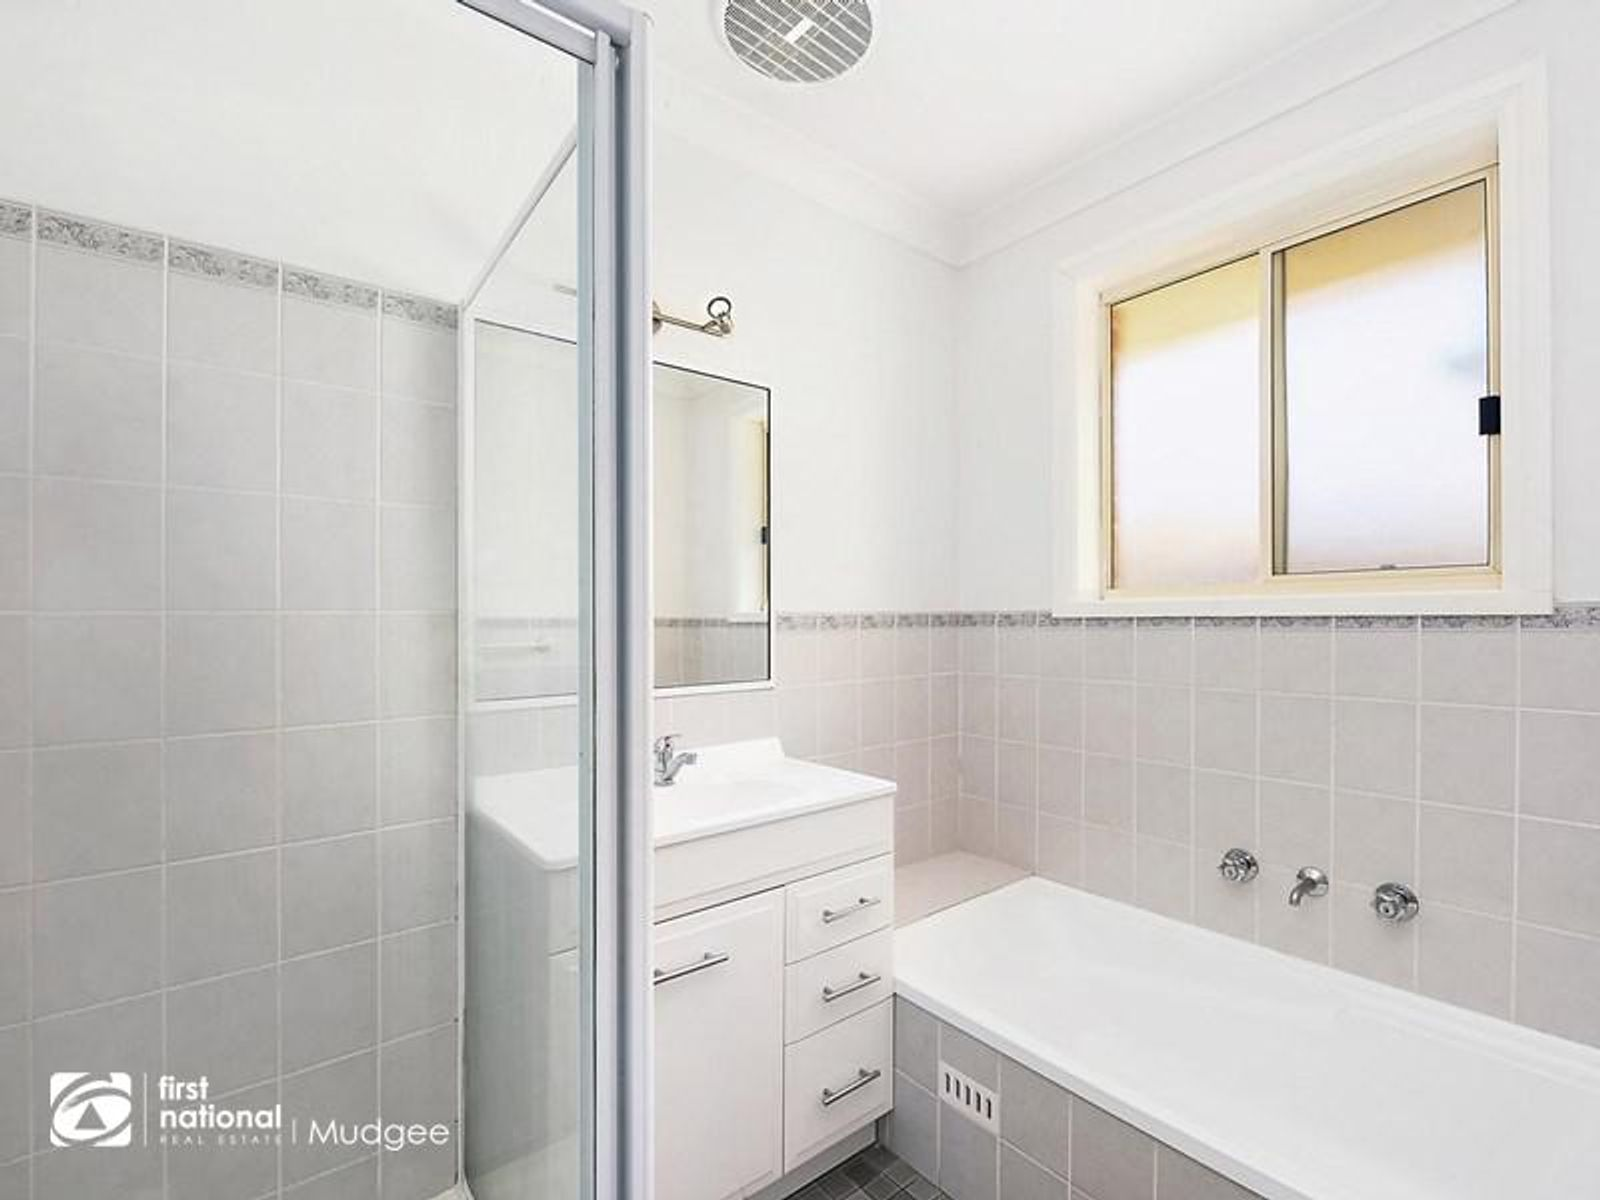 4/33 Lewis Street, Mudgee, NSW 2850